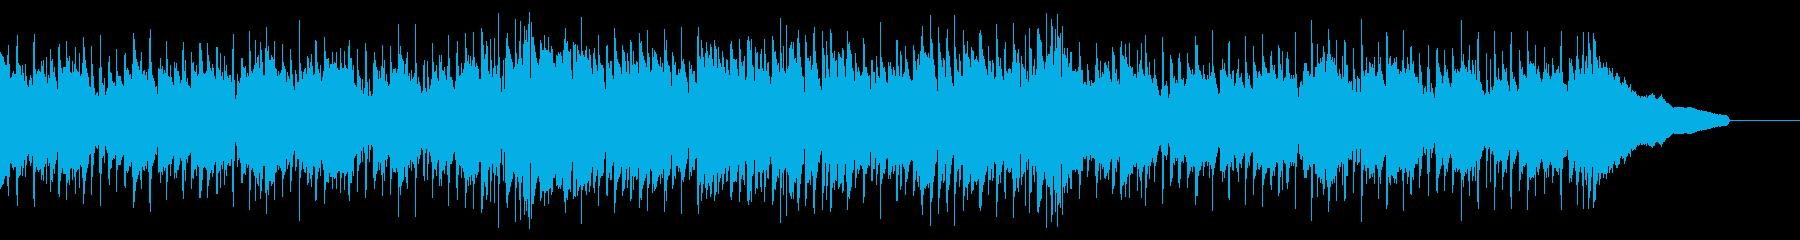 生演奏ウクレレおしゃれかっこいい生音系の再生済みの波形